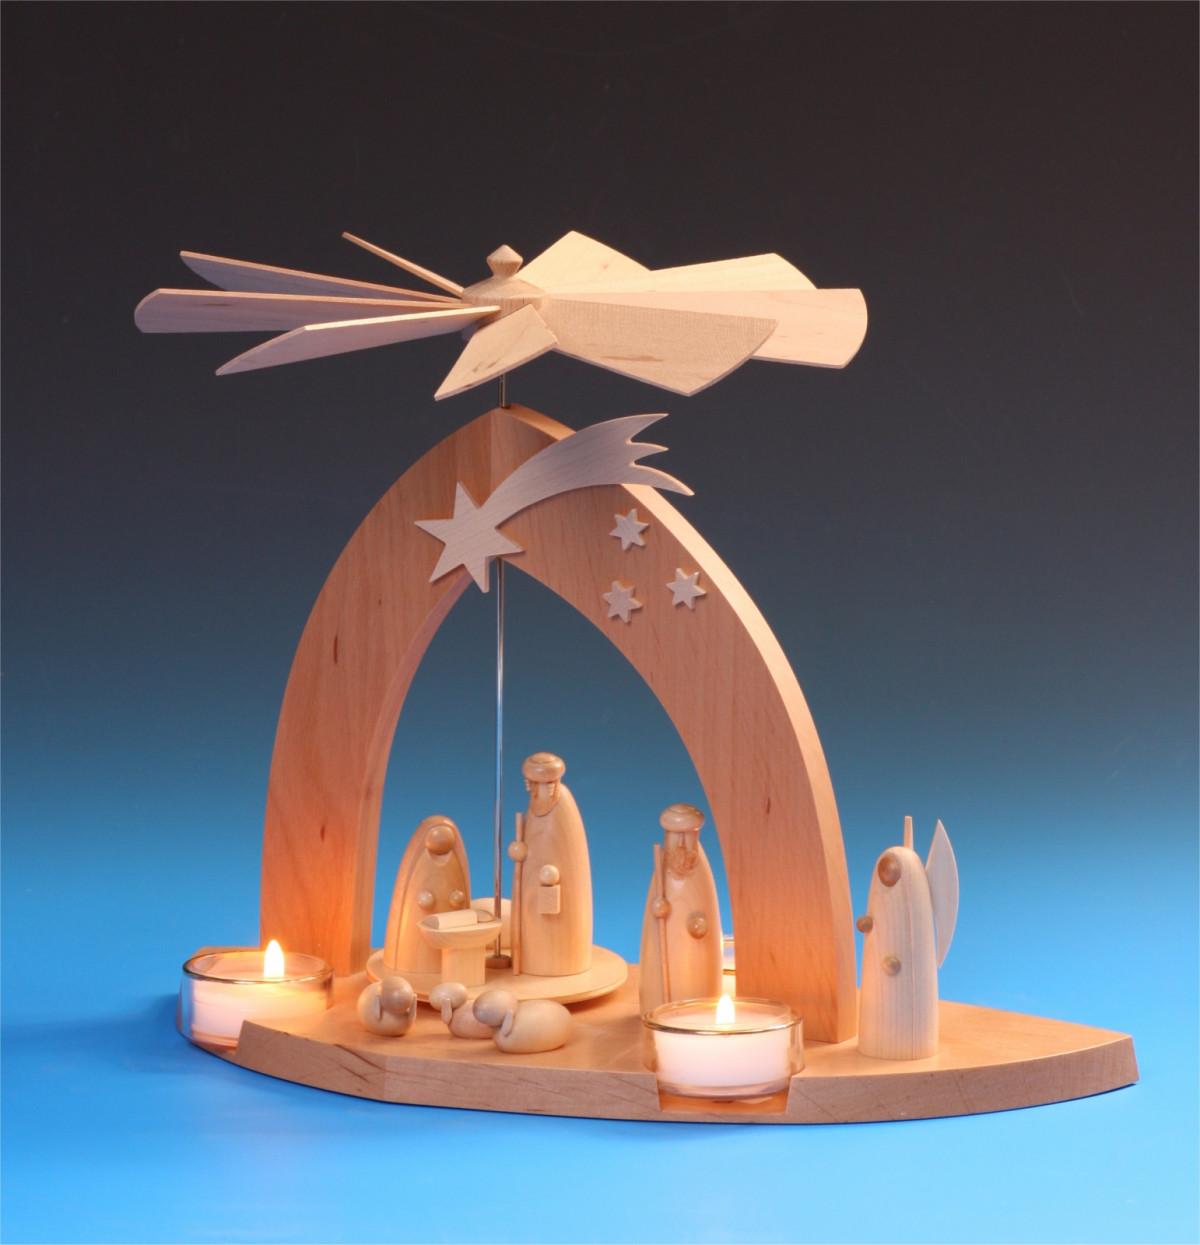 Pyramide Christi Geburt mit den 3 Weisen Erzgebirge Fa Schalling Seiffen Neu